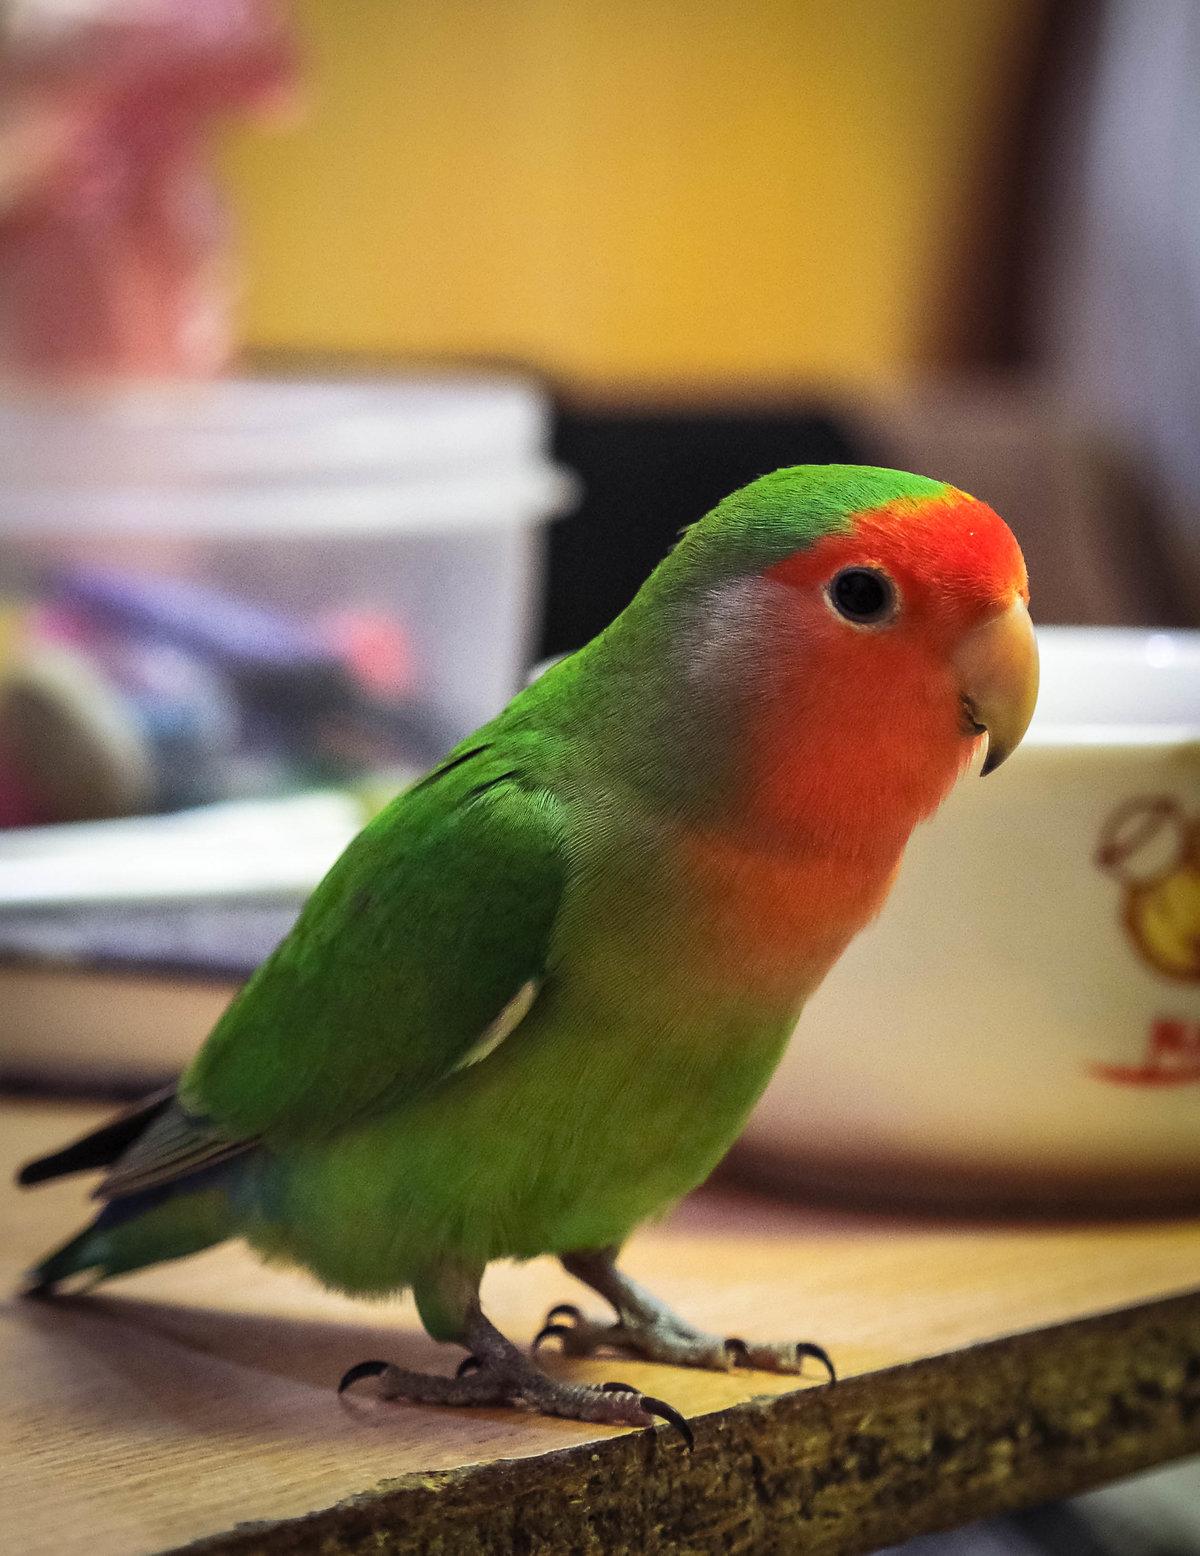 виды попугаев картинки такие техники, благодаря